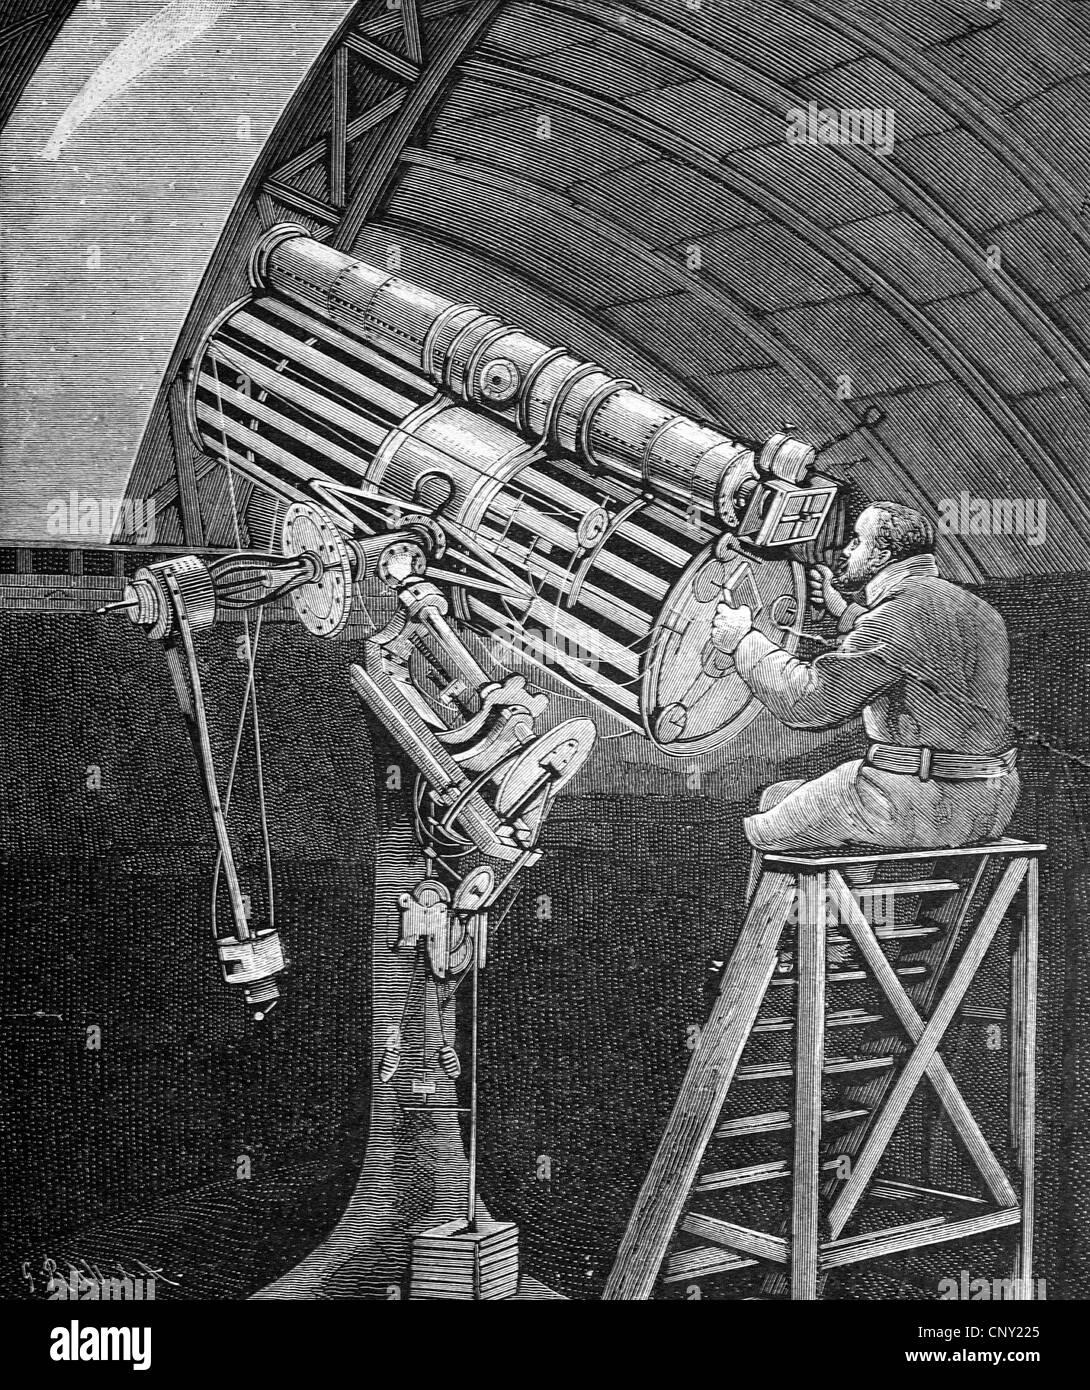 L'enregistrement photographique de la comète de 1881 à l'observatoire à Hastings par le professeur Photo Stock